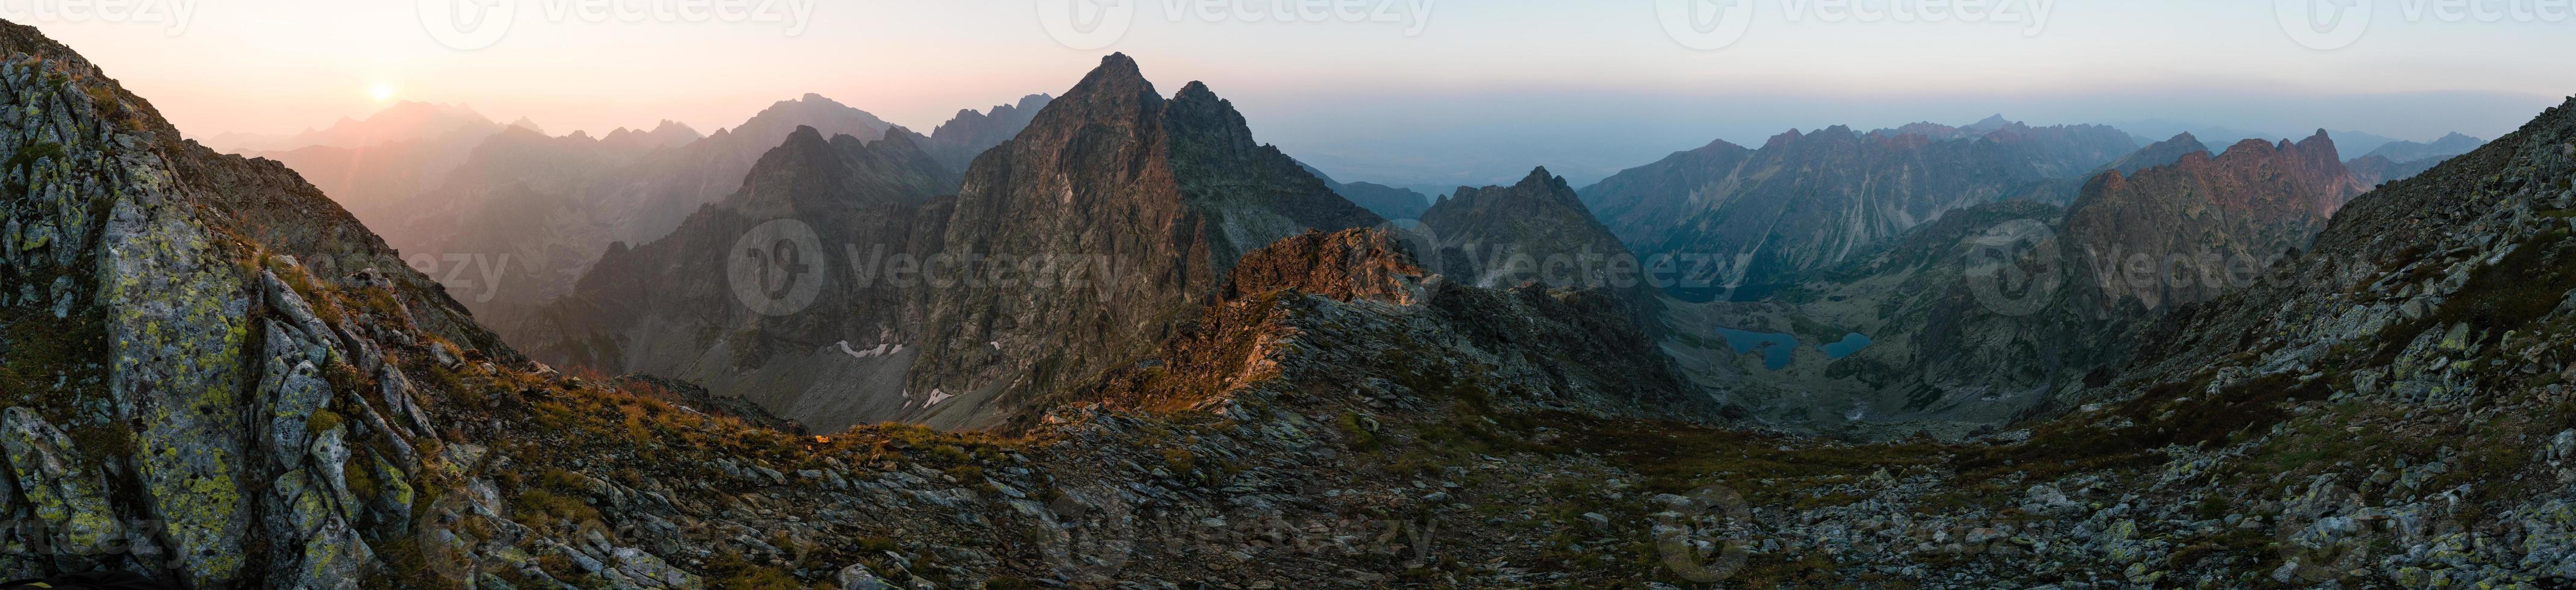 Les hauts tatras du sommet du Rysy au lever du soleil photo